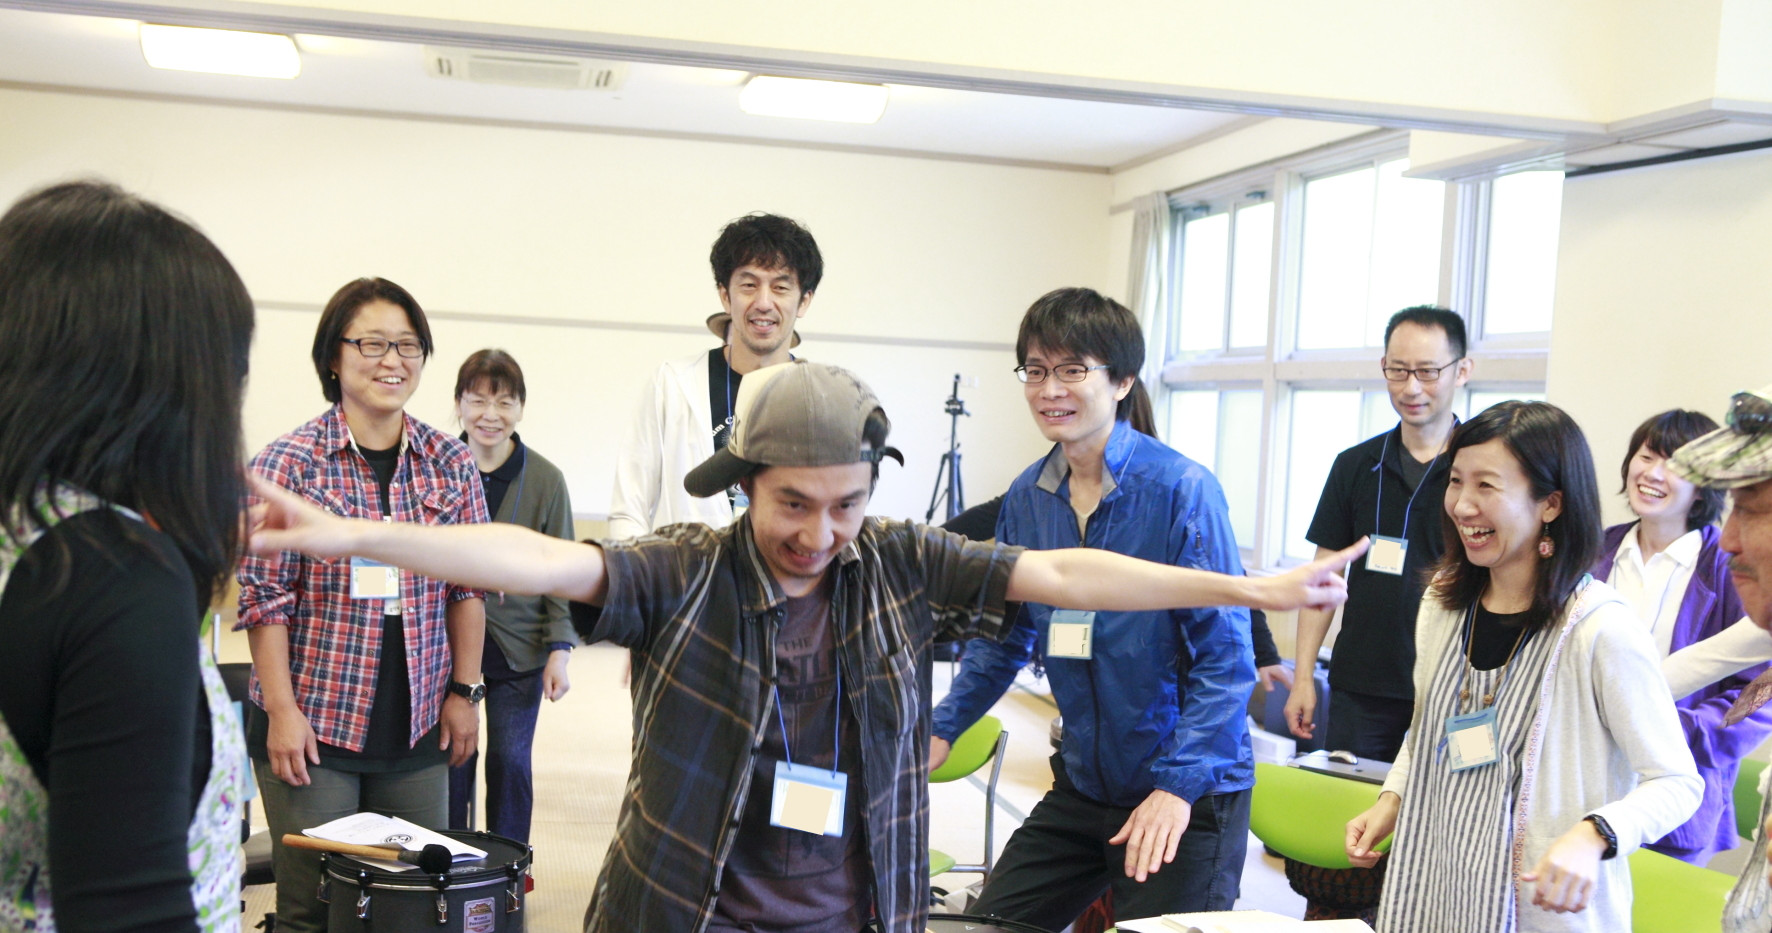 Photo by オレンジブンブン